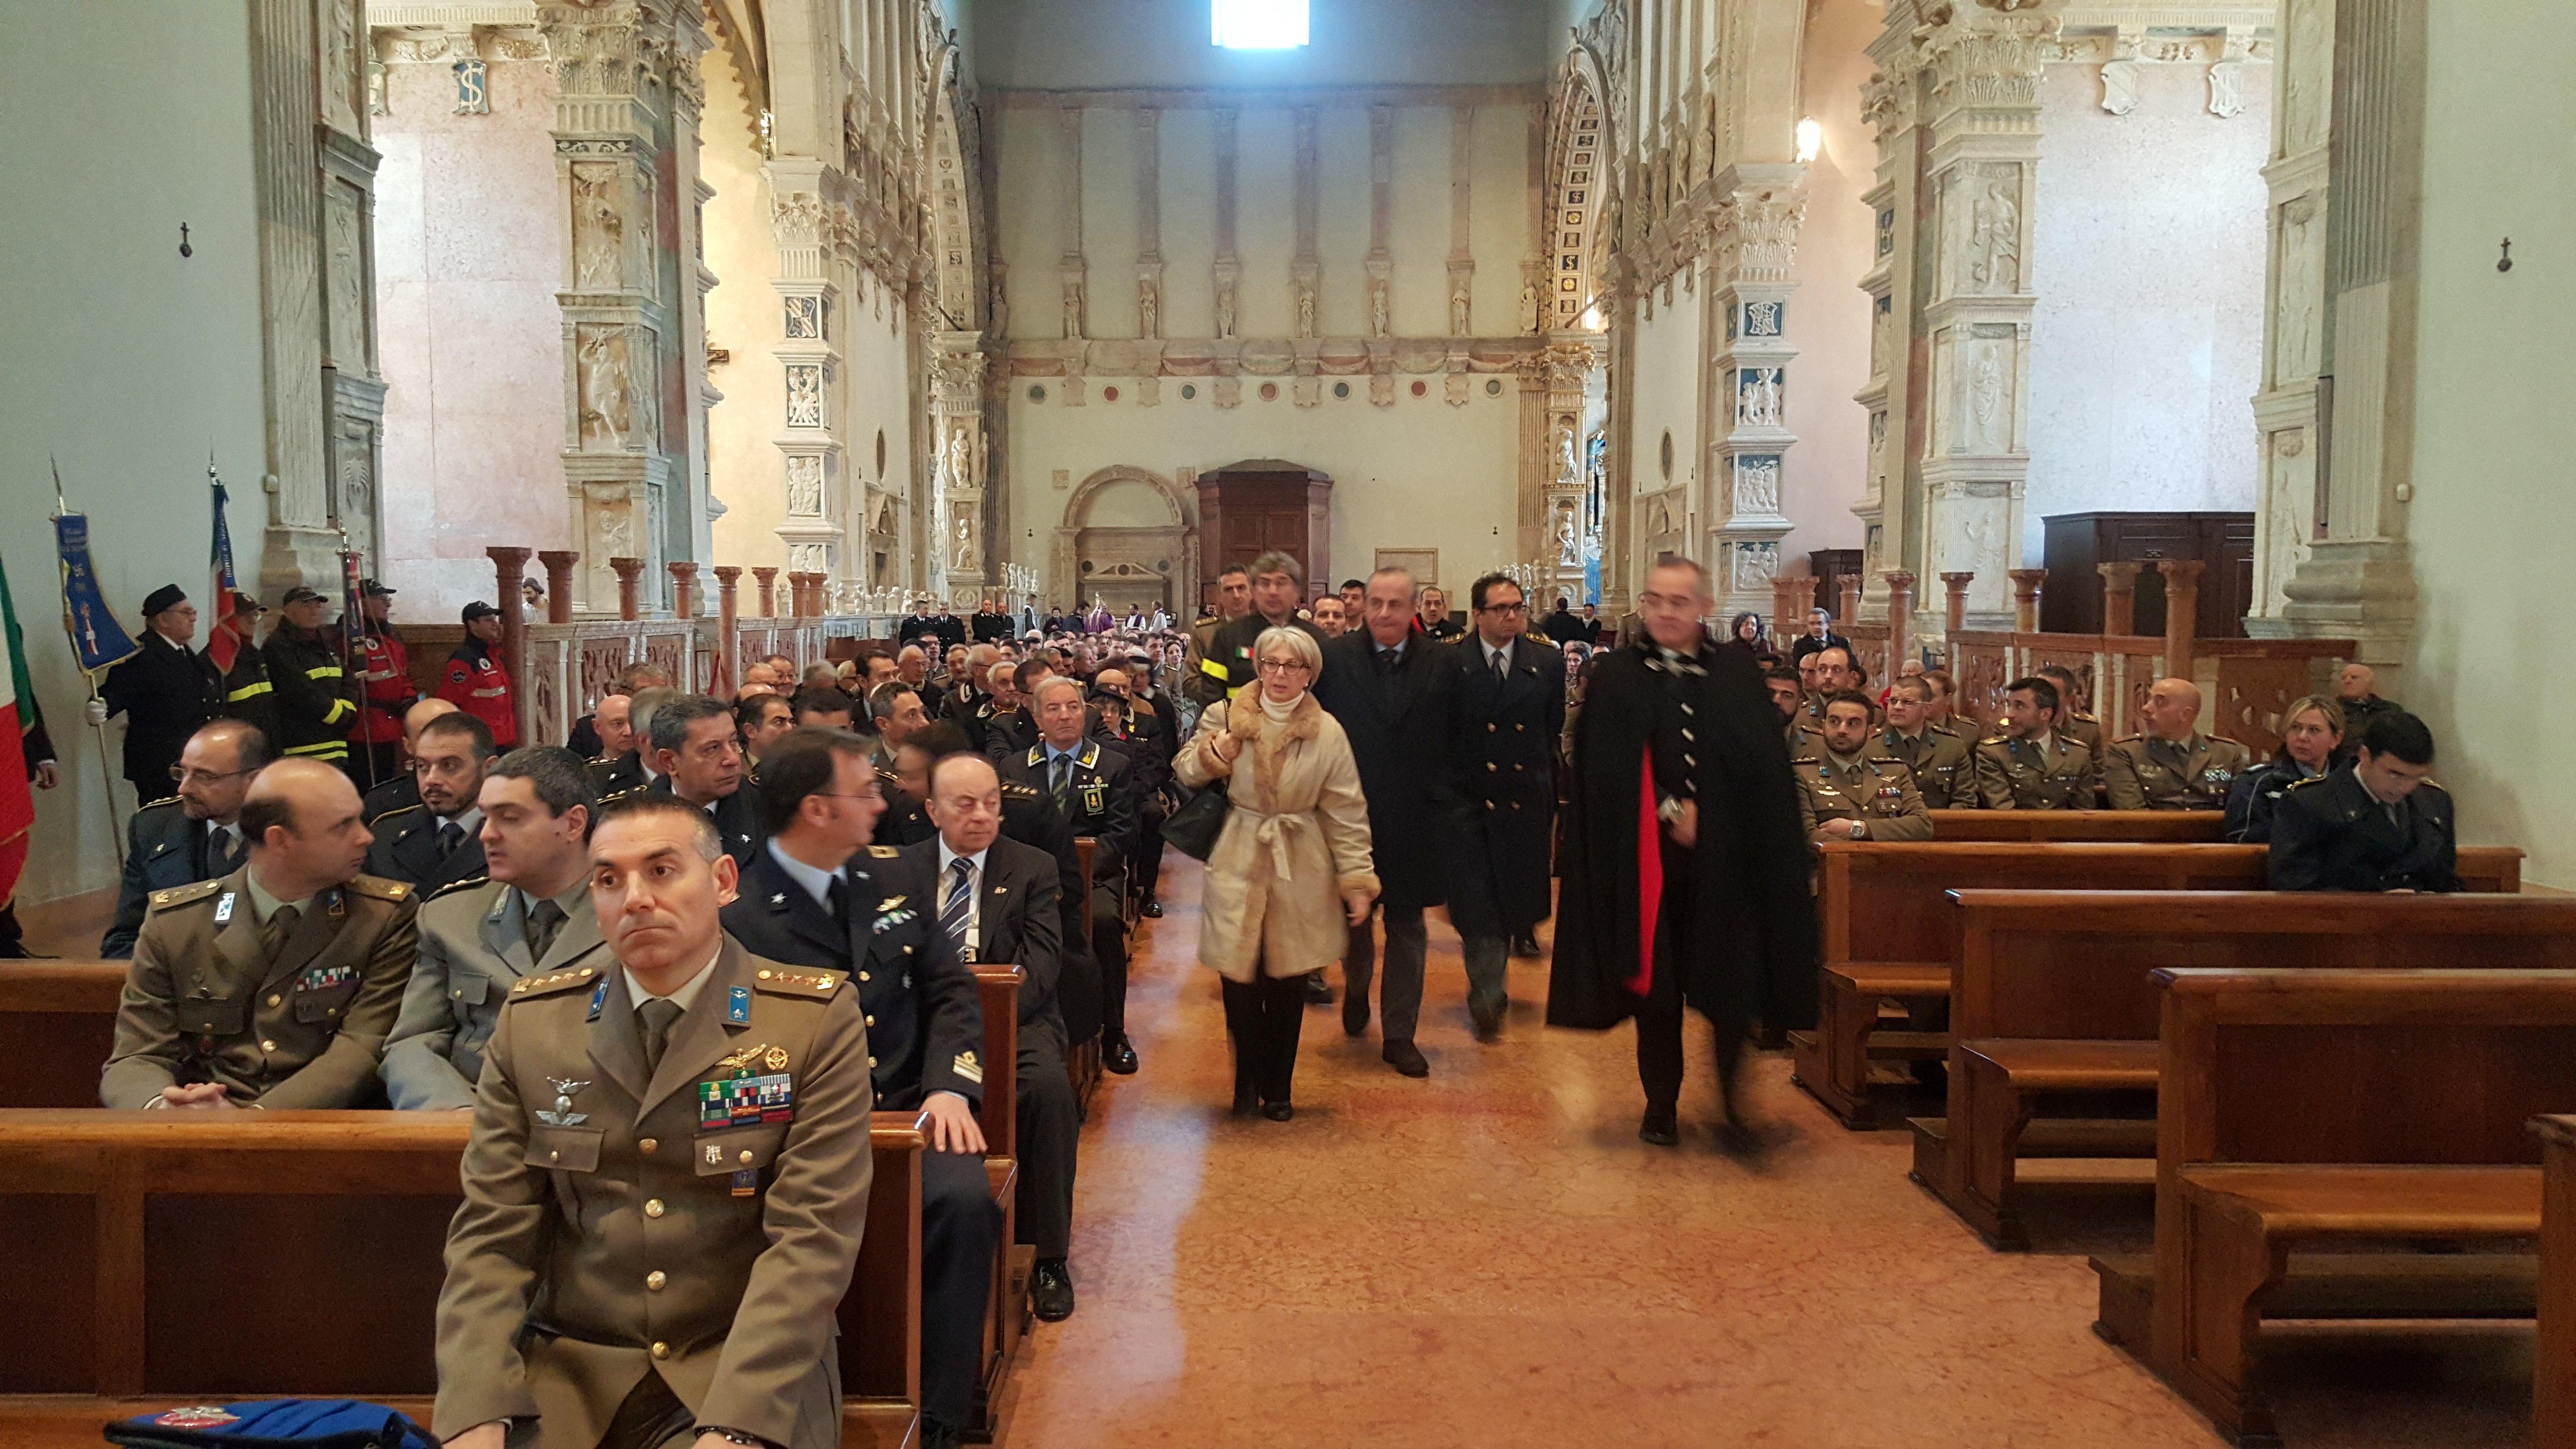 Messa delle Forze Armate in Duomo a Rimini il 18 Dicembre 2015